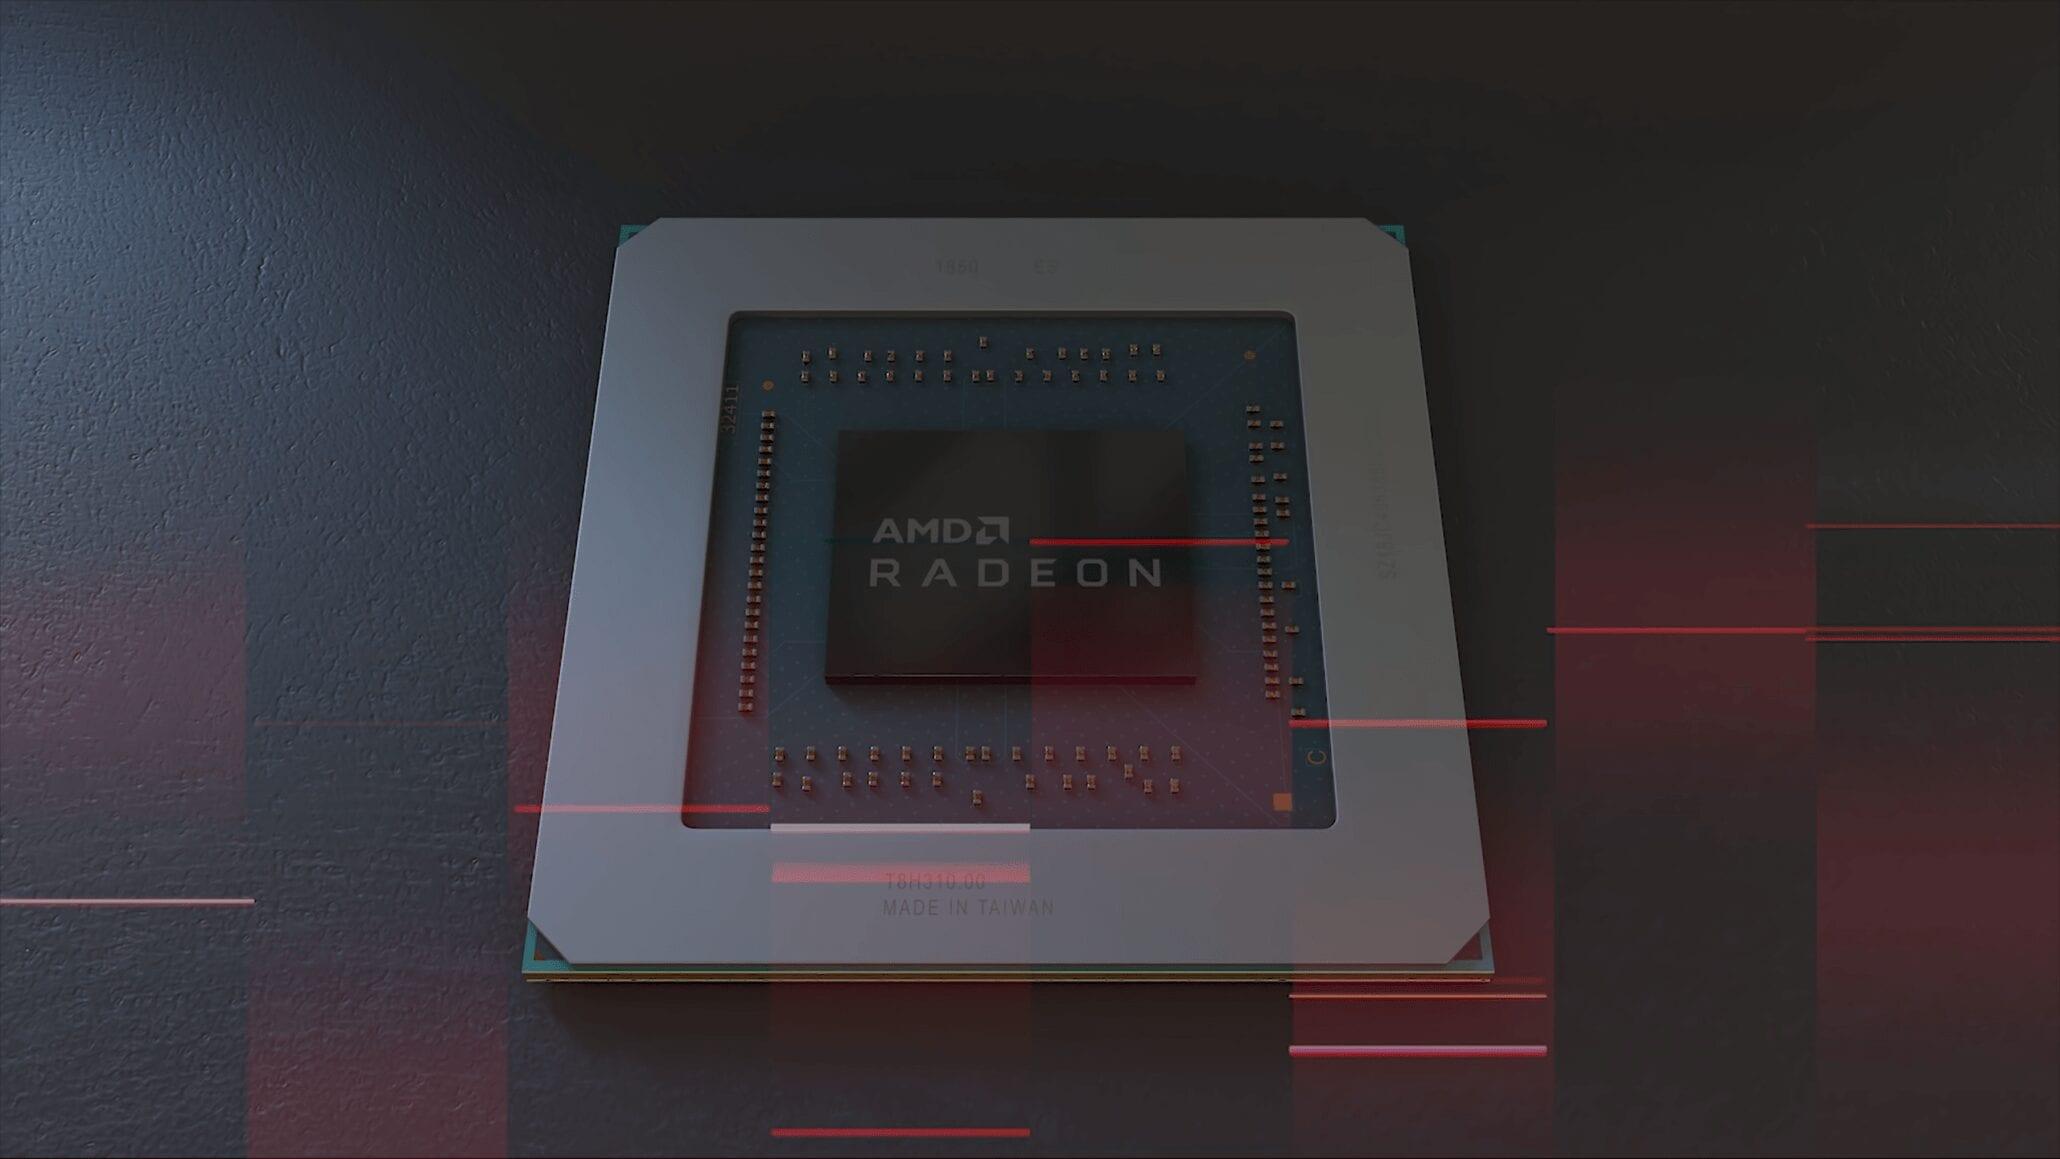 Core i7 920 на частоте 5848МГц: Luumi взял золото в 5 дисциплинах